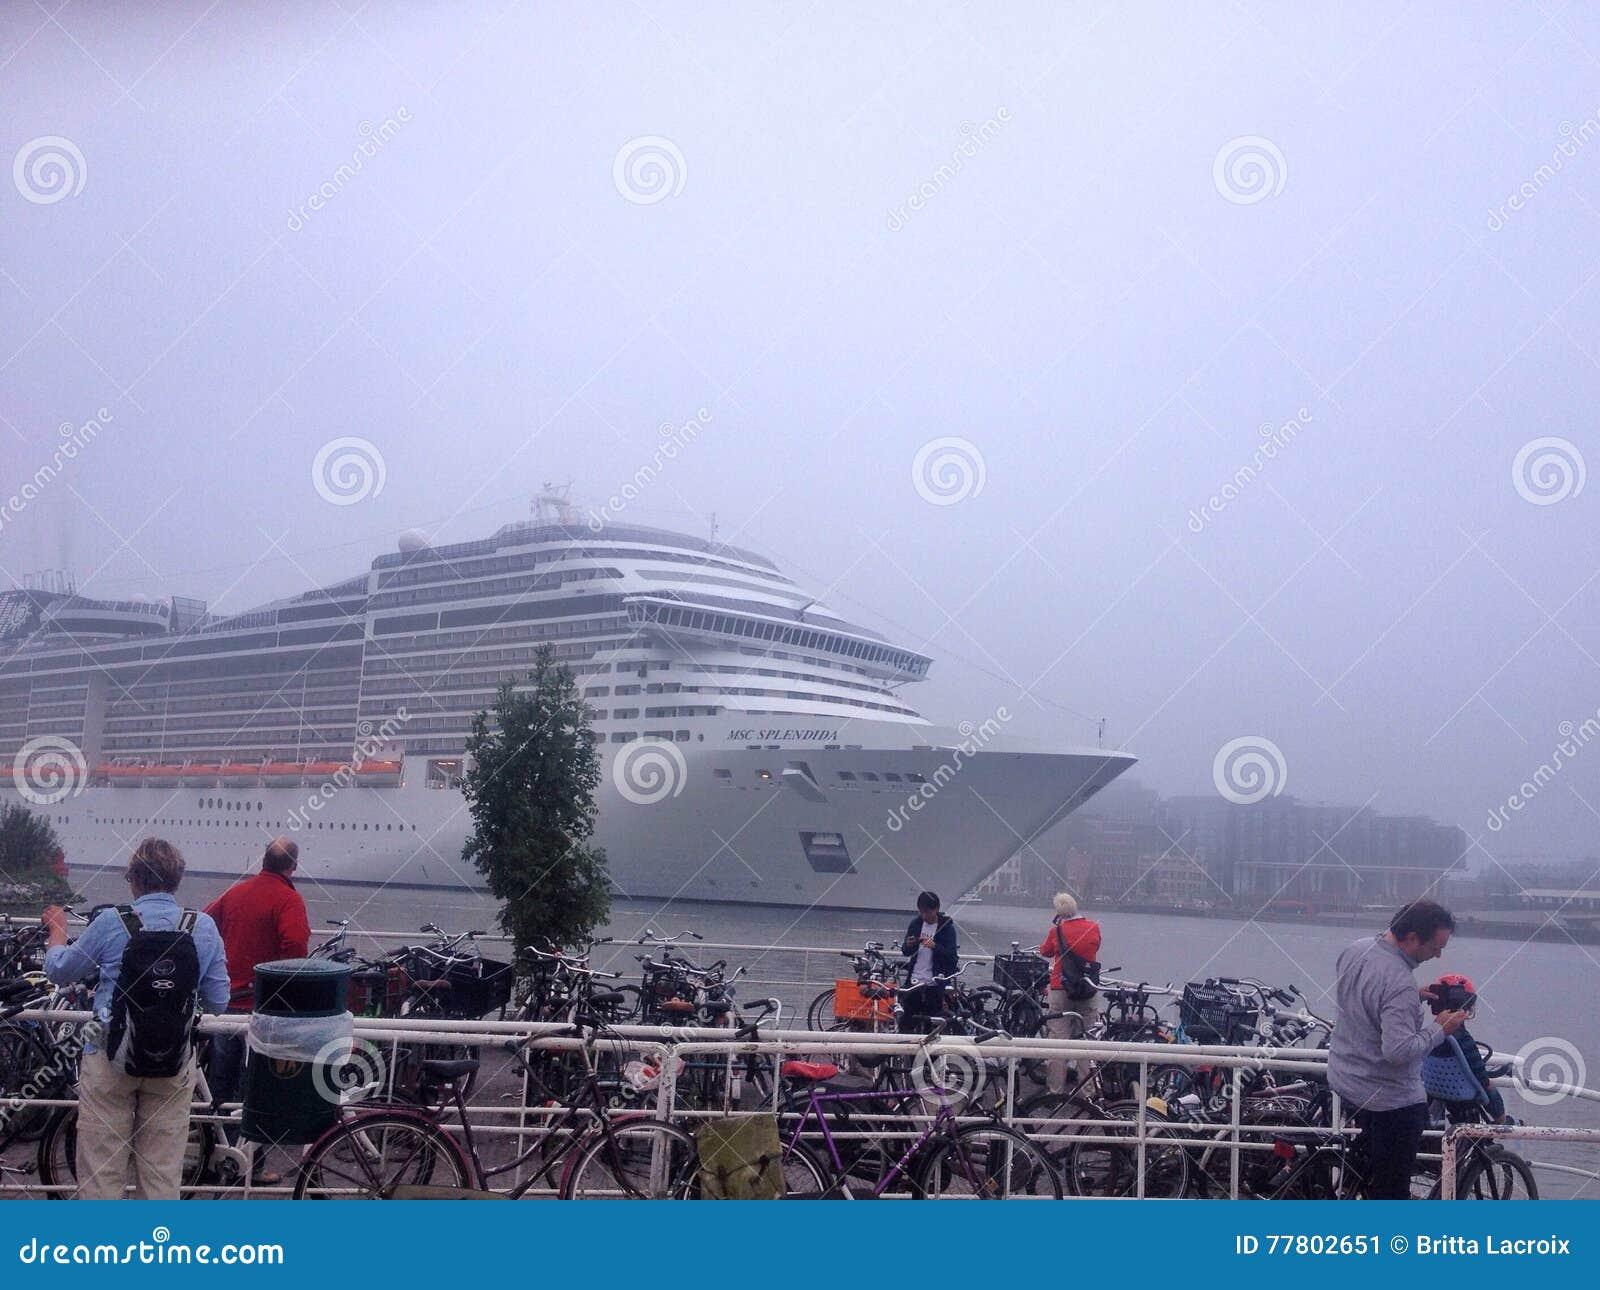 Msc van het cruiseschip splendida in Amsterdam